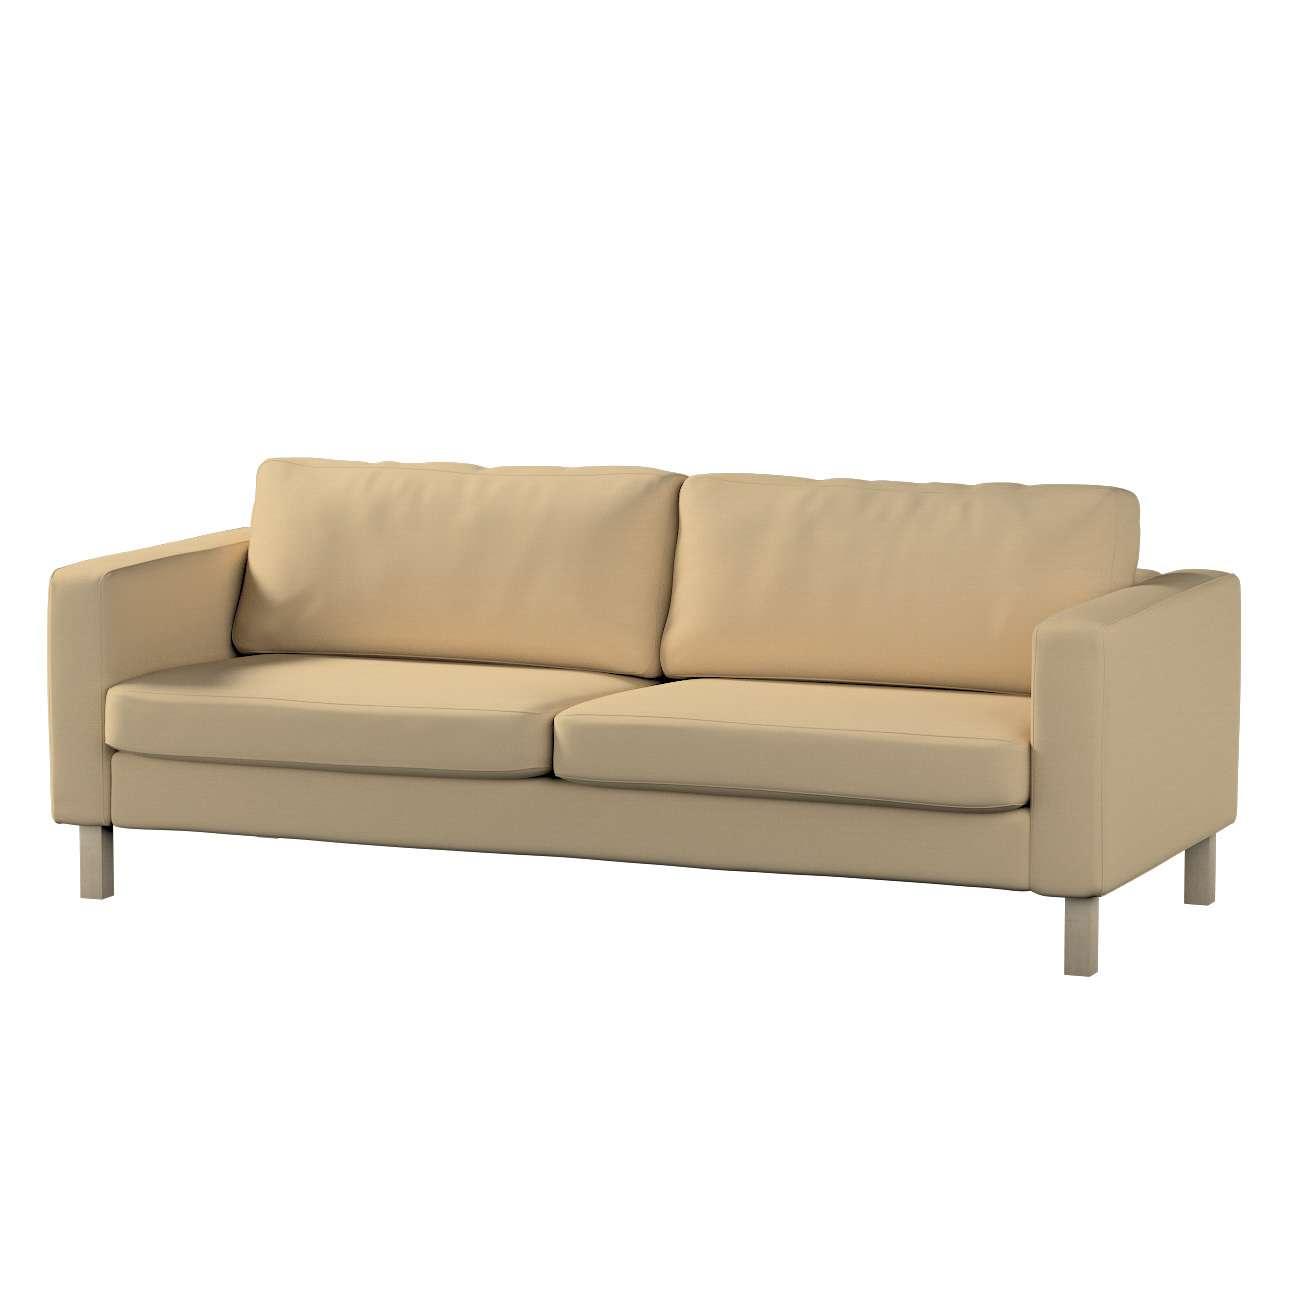 Karlstad 2-Sitzer Schlafsofabezug Karlstad 2-Sitzer ausklappbar von der Kollektion Cotton Panama, Stoff: 702-01